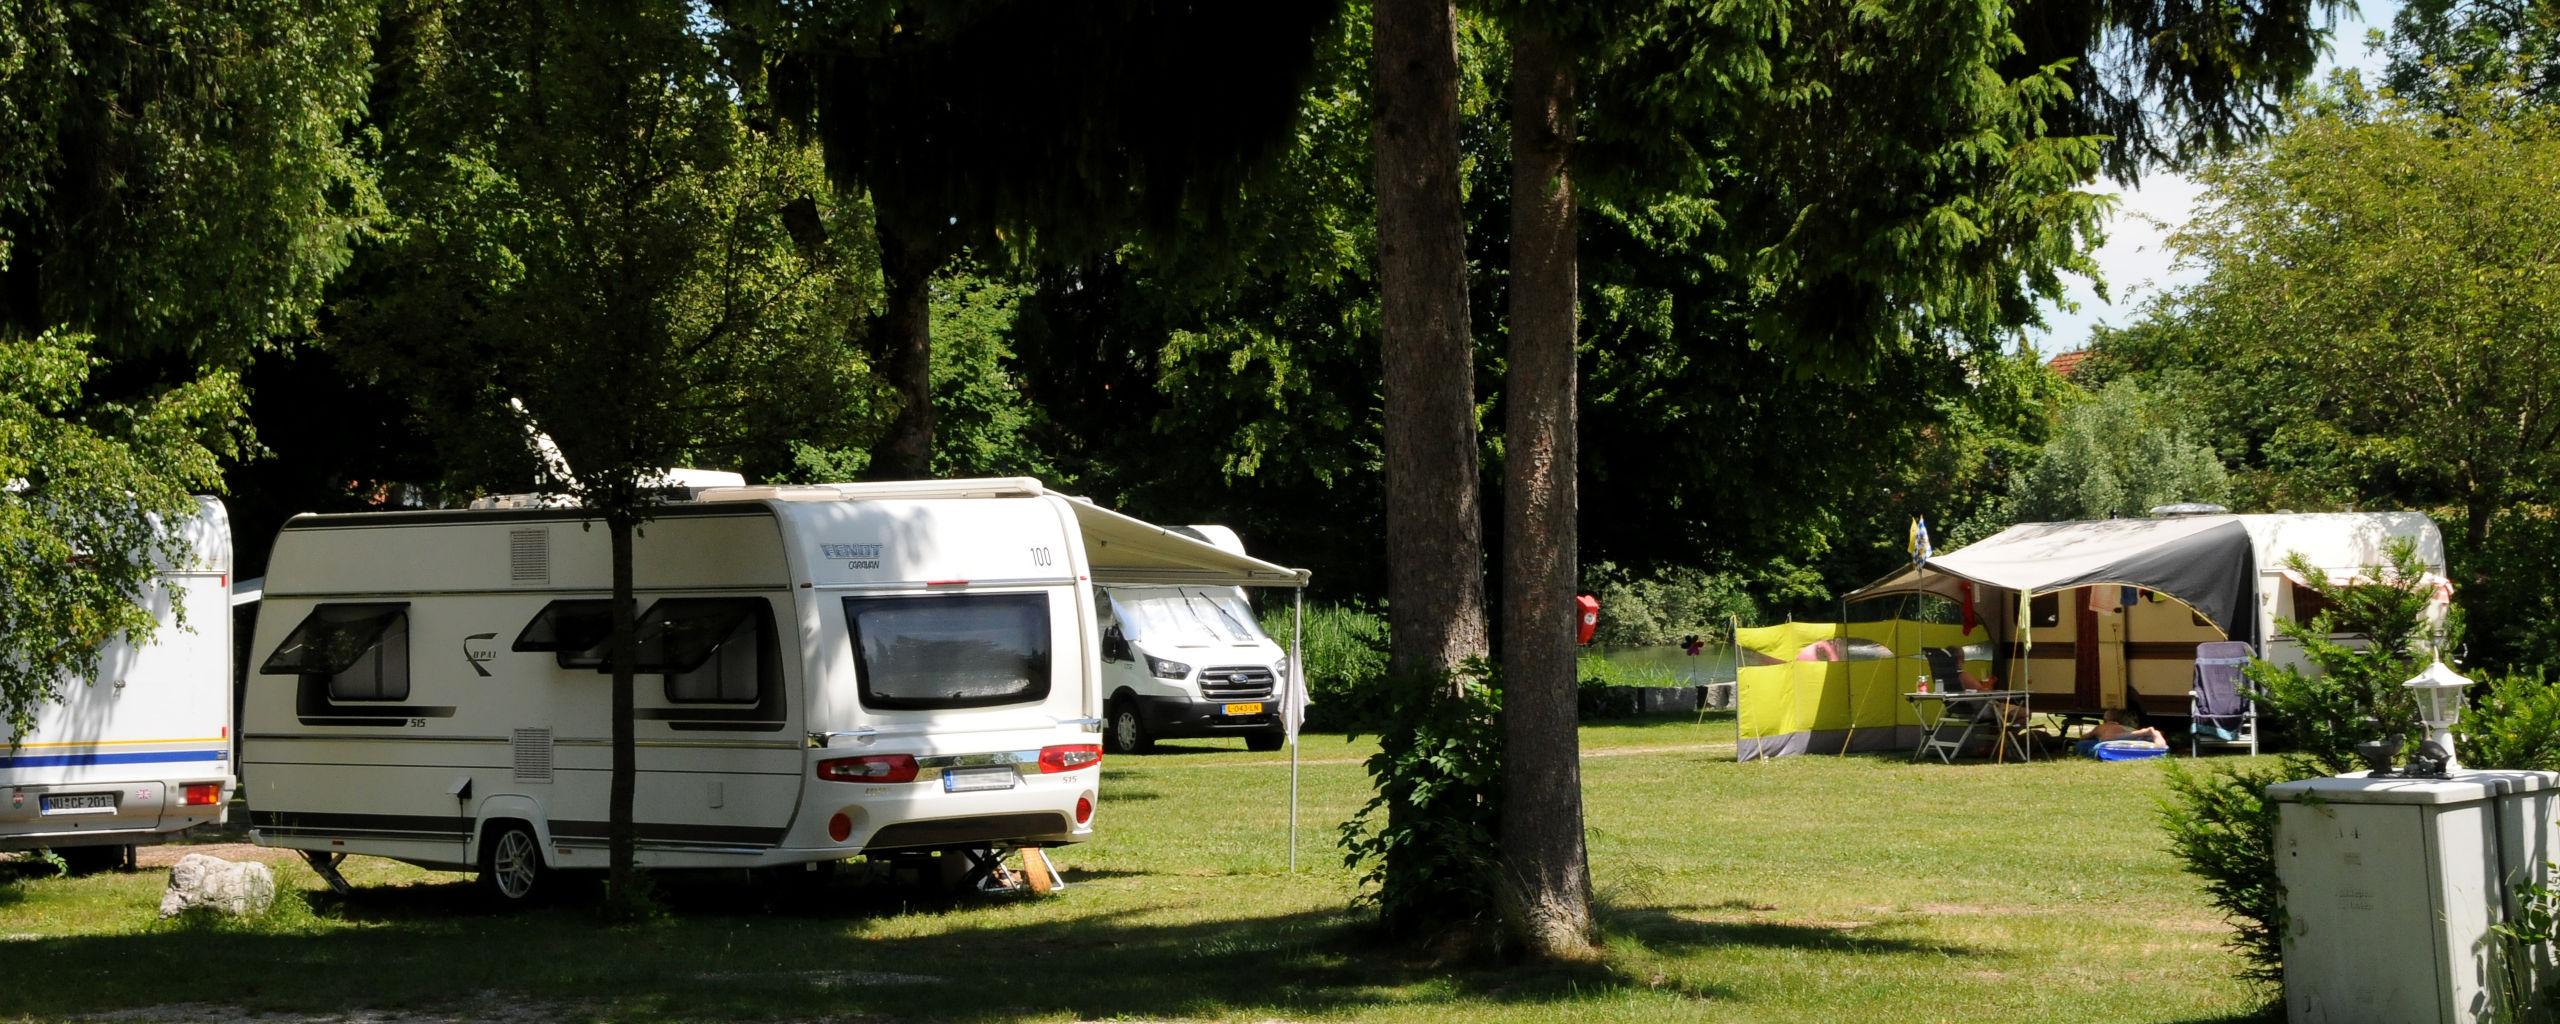 Lech-Camping-Unser-Platz-Header